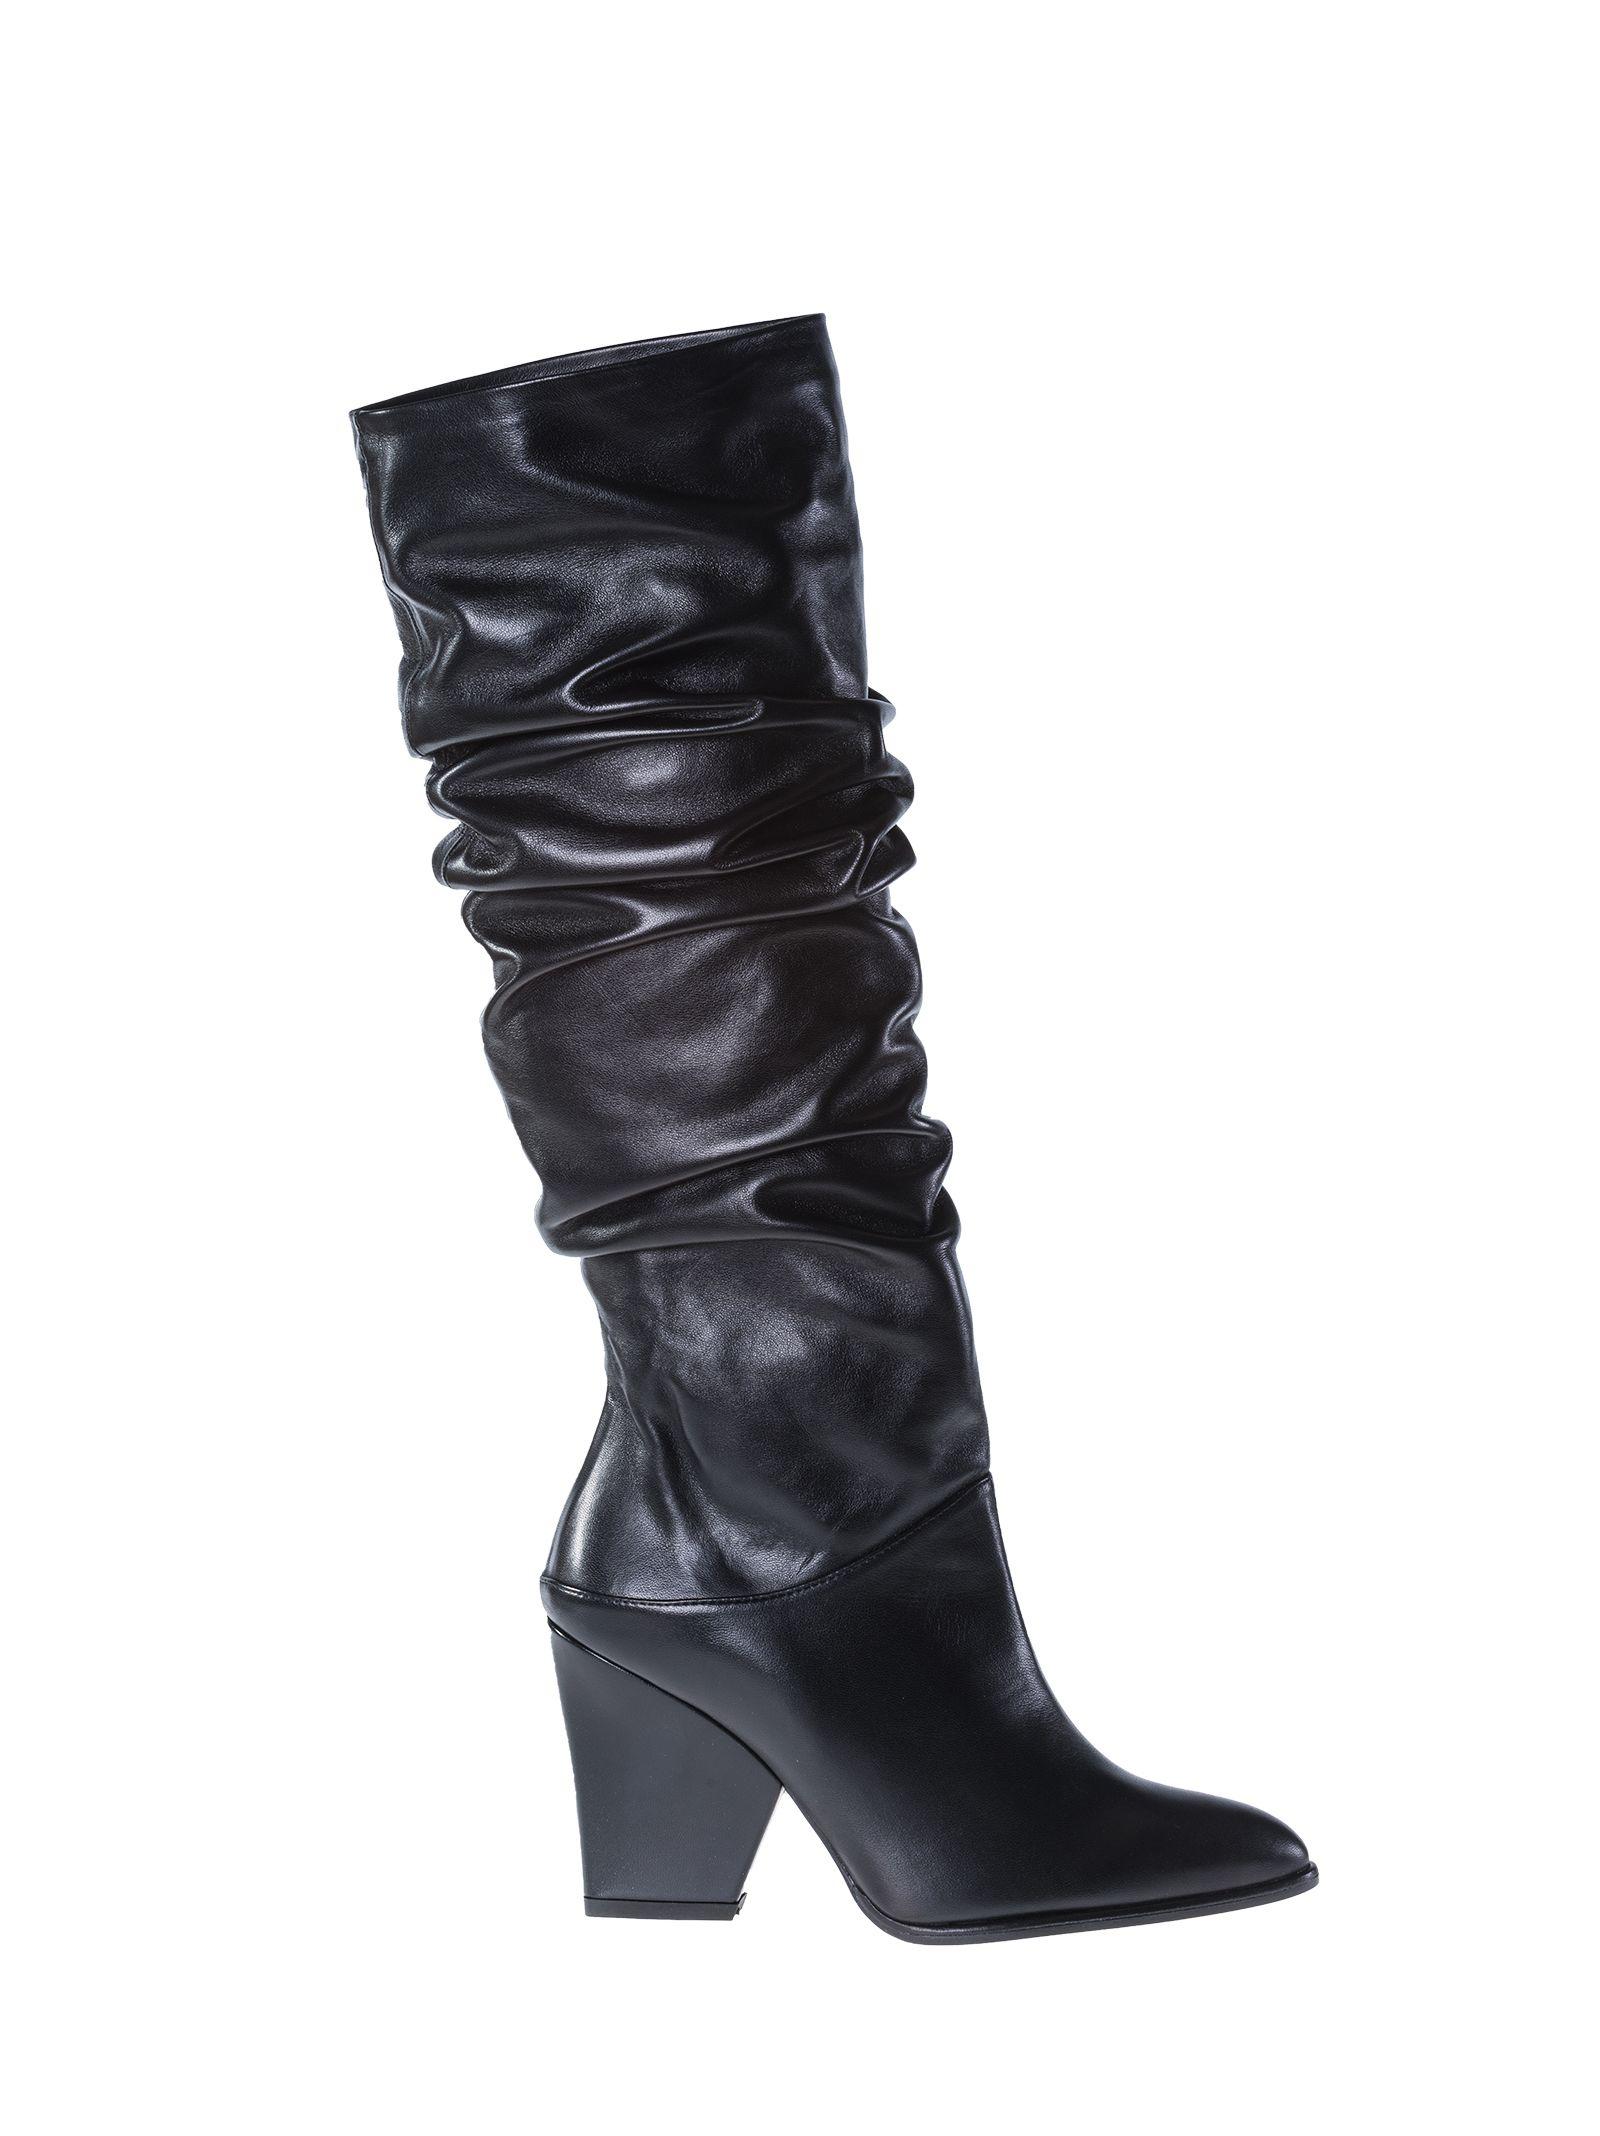 Stuart Weitzman Smashing Boots